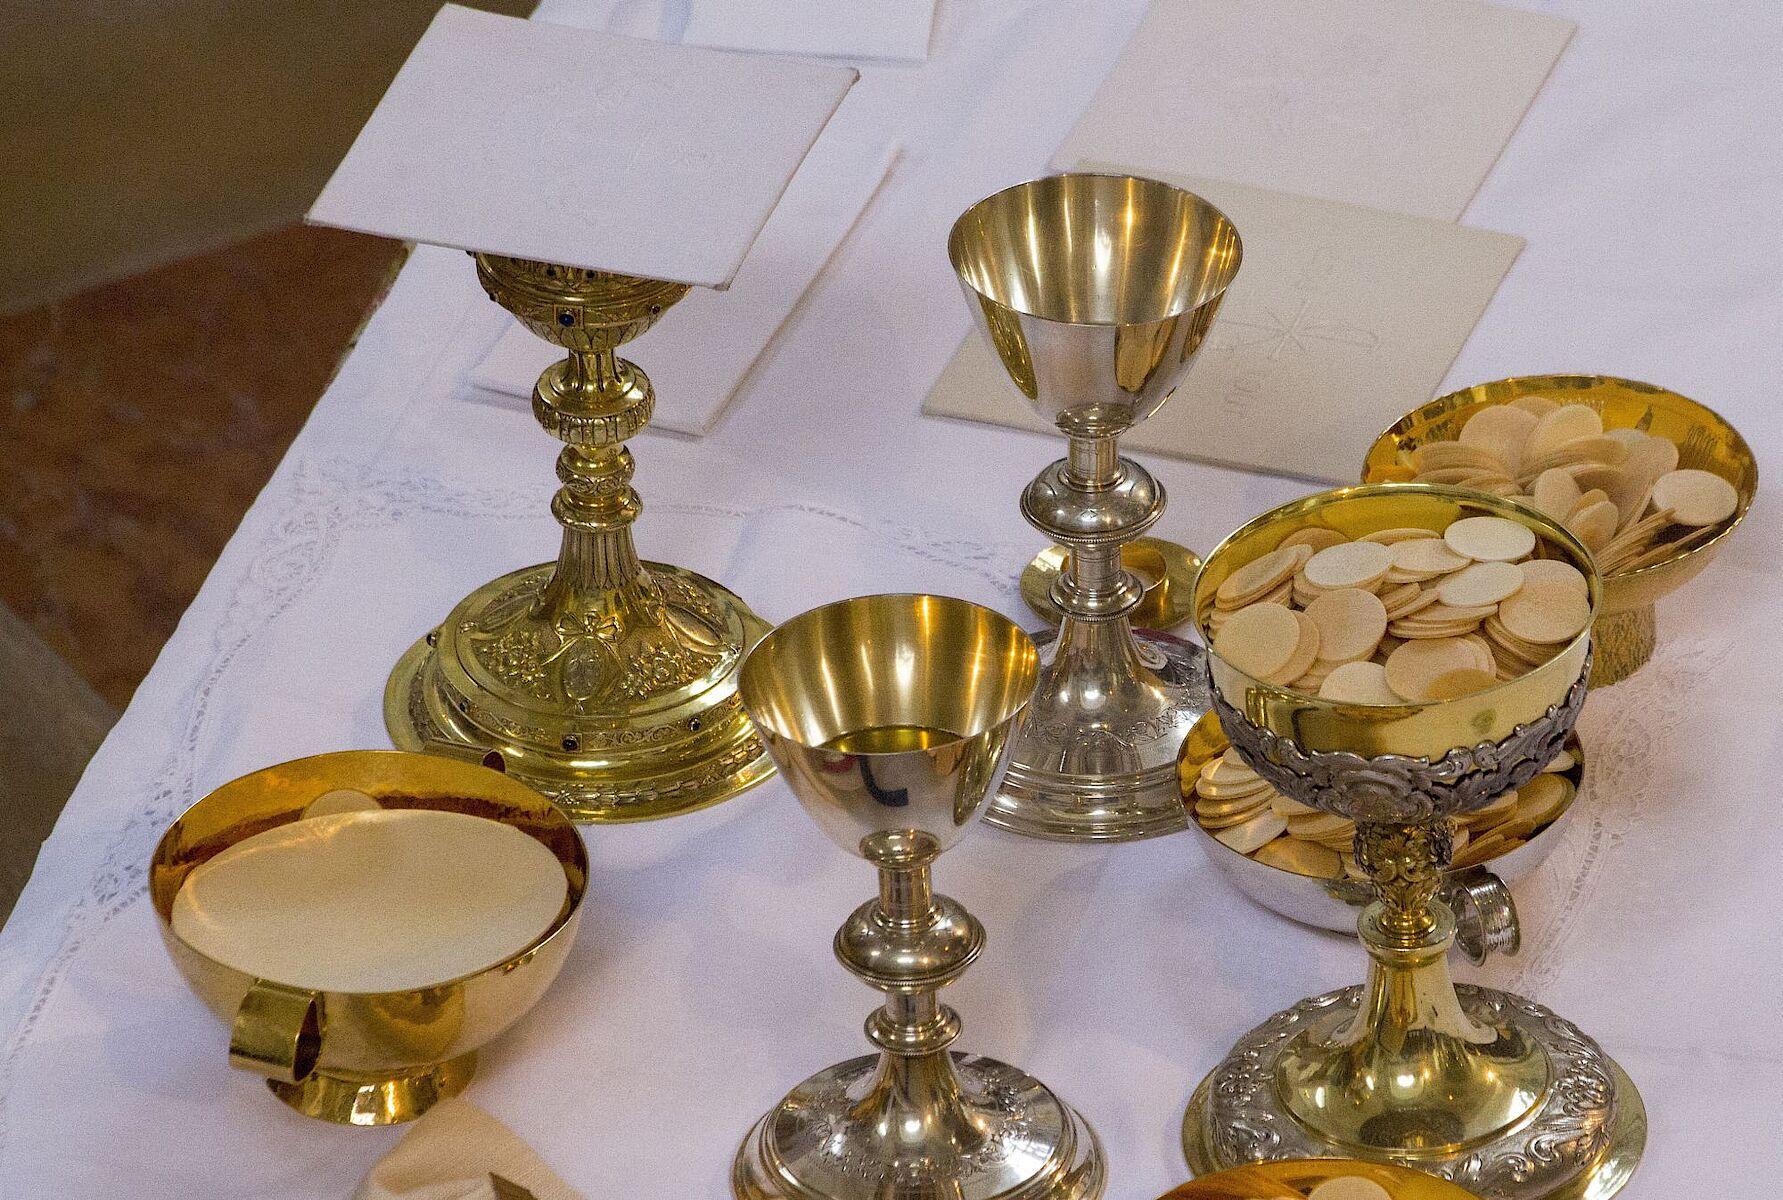 Kloster Schaeftlarn: Gottesdienste